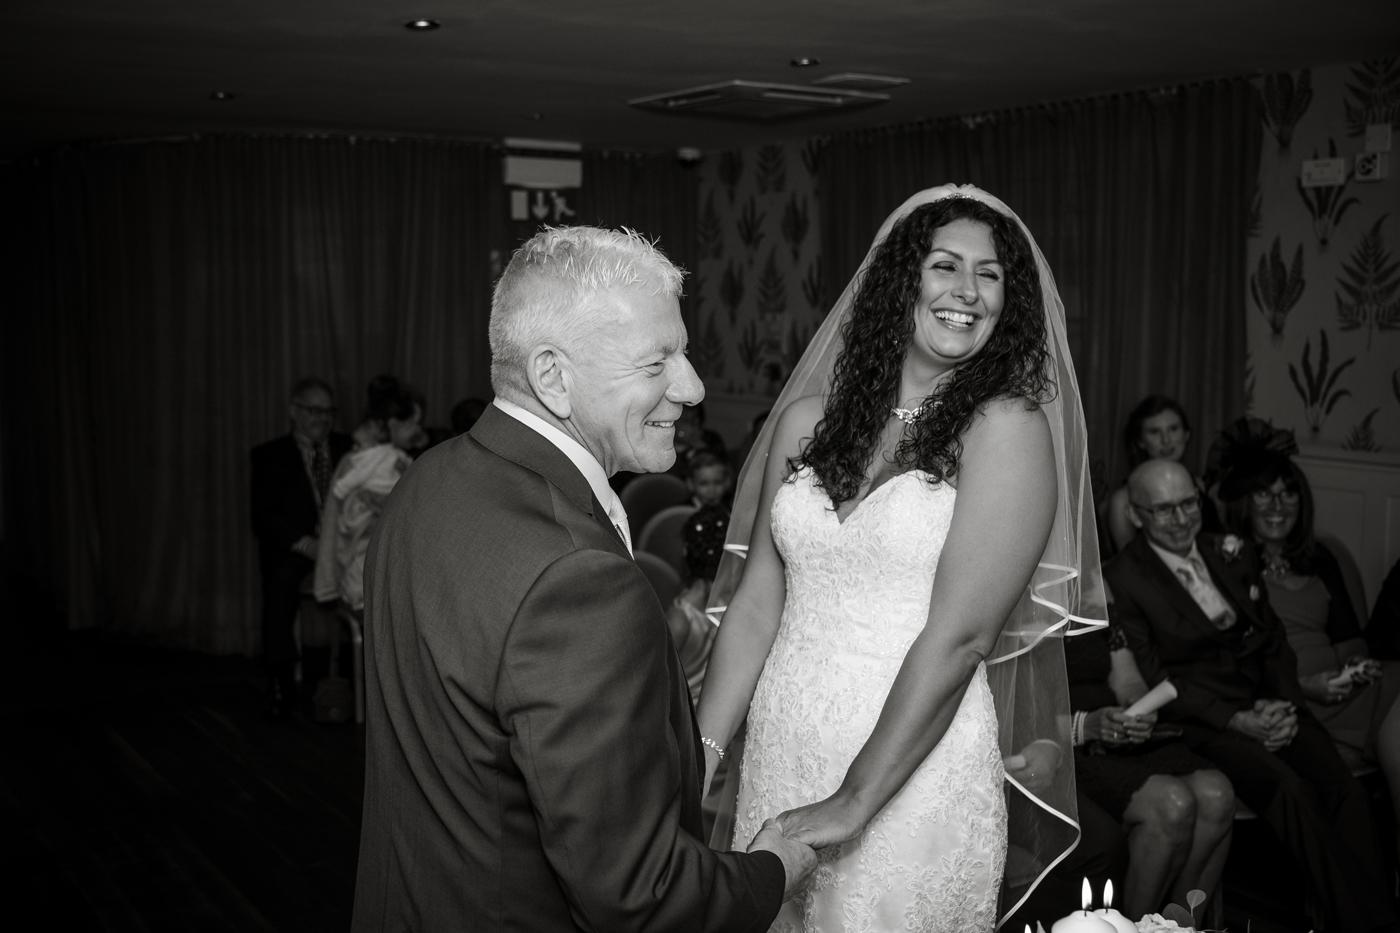 Legg-Wedding-8991.jpg